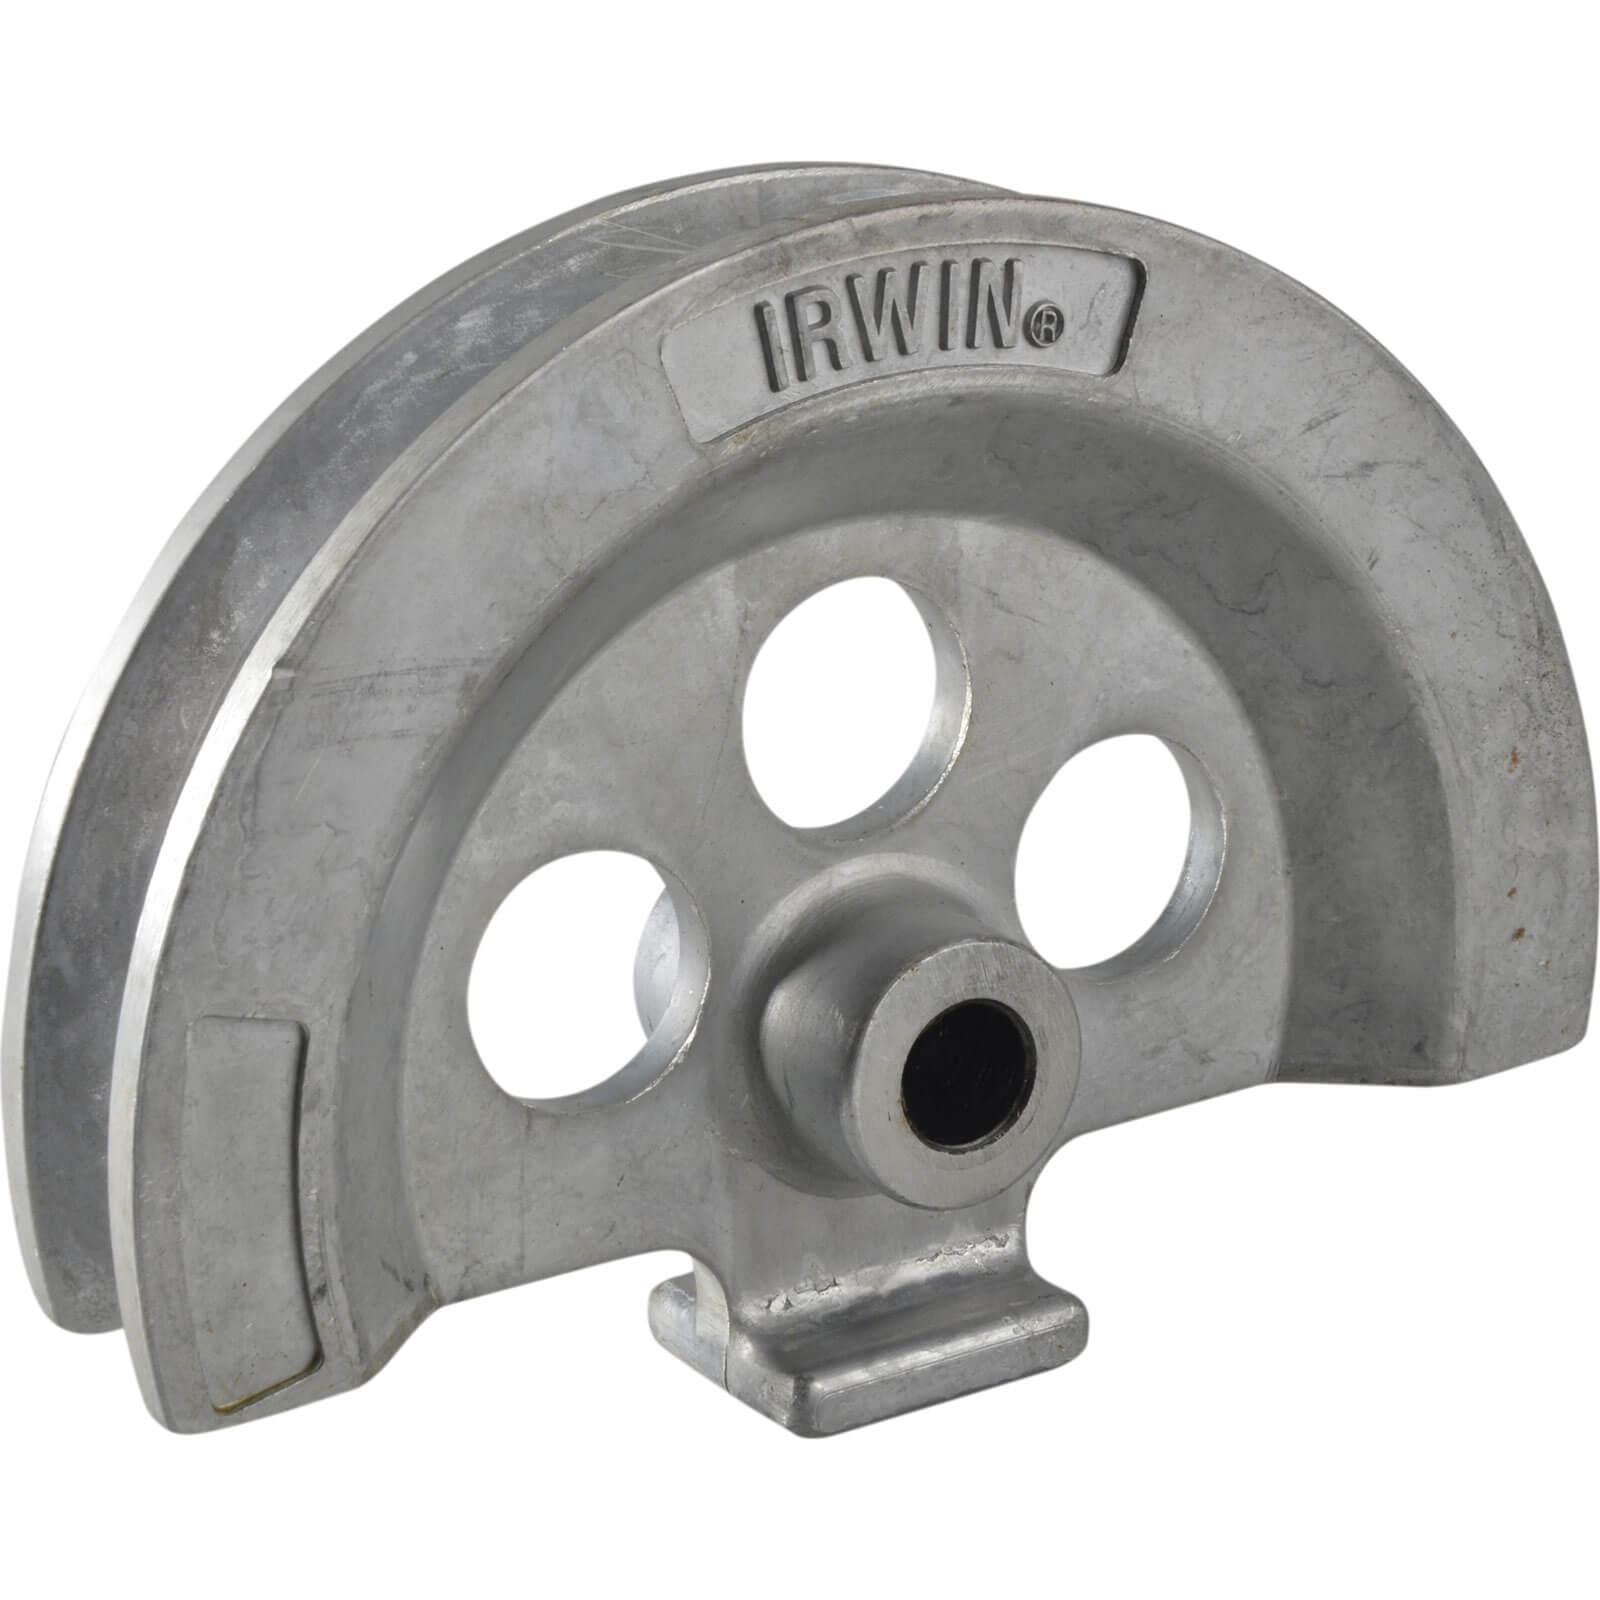 Image of Hilmor Aluminum Former For EL25 EL32 Pipe Bender 25mm